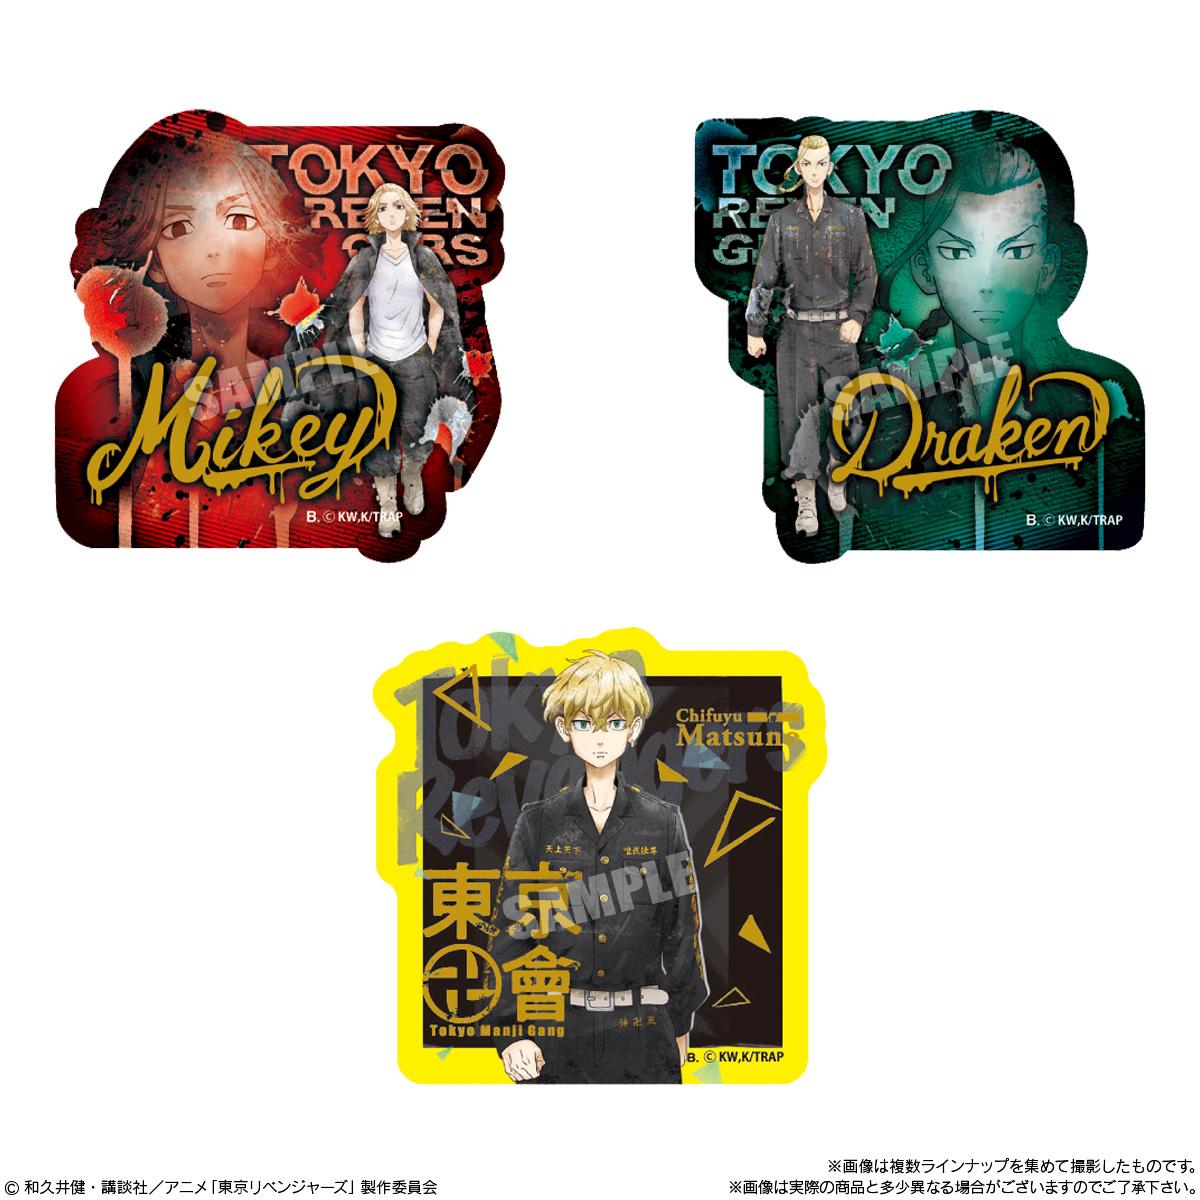 【食玩】東京リベンジャーズ『東京リベンジャーズ グミ』12個入りBOX-006